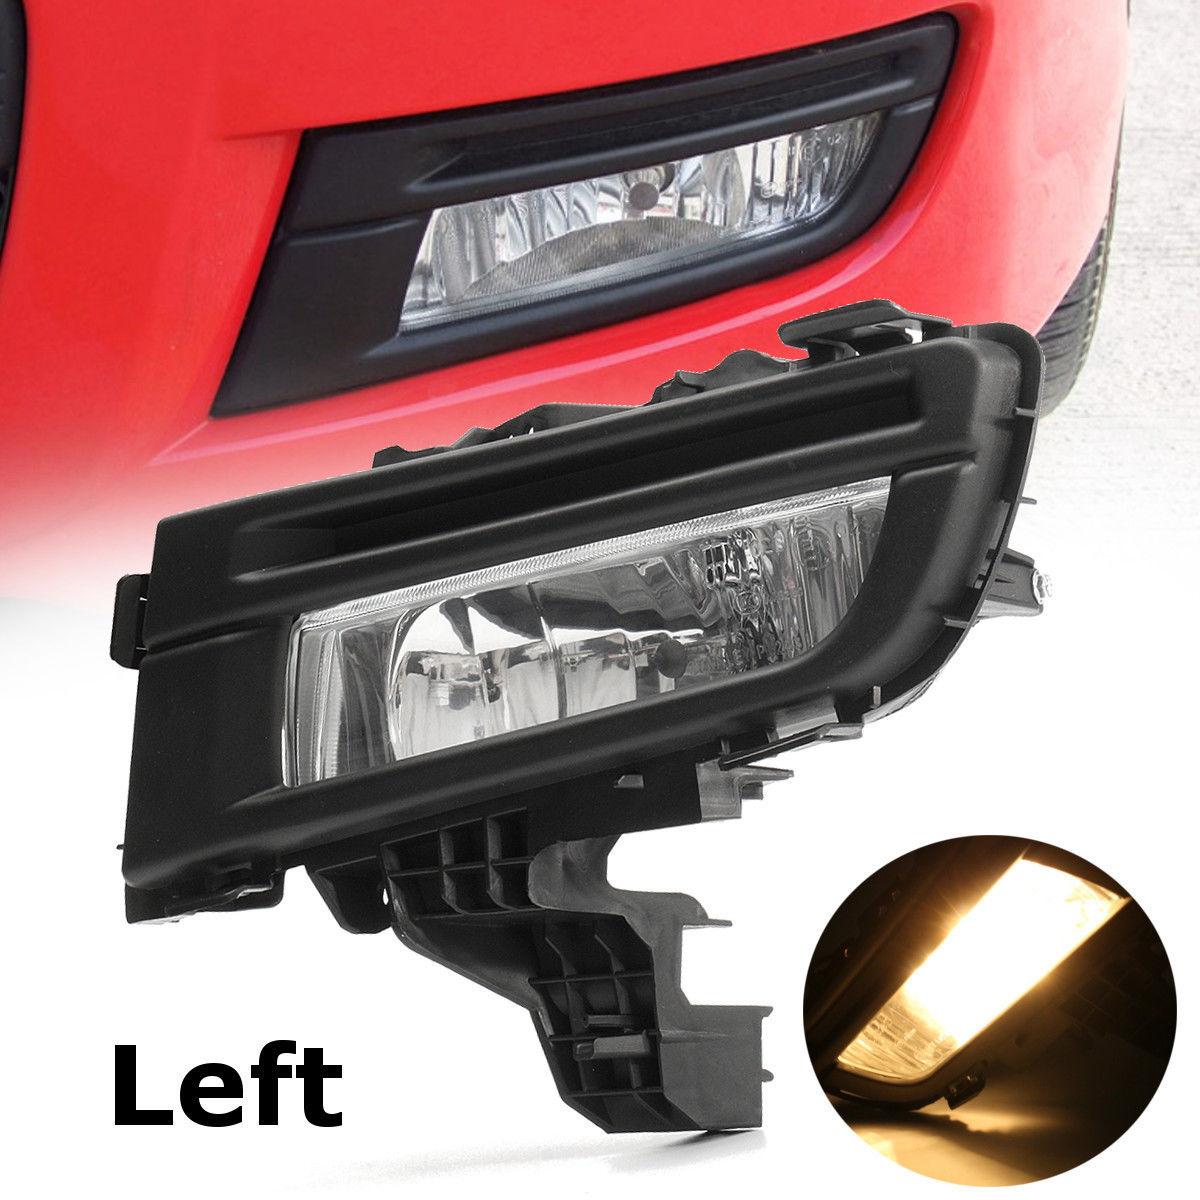 12 v 55 w feu antibrouillard avant gauche Drl ampoule diurne 9006 pour Mazda3 2007-2009